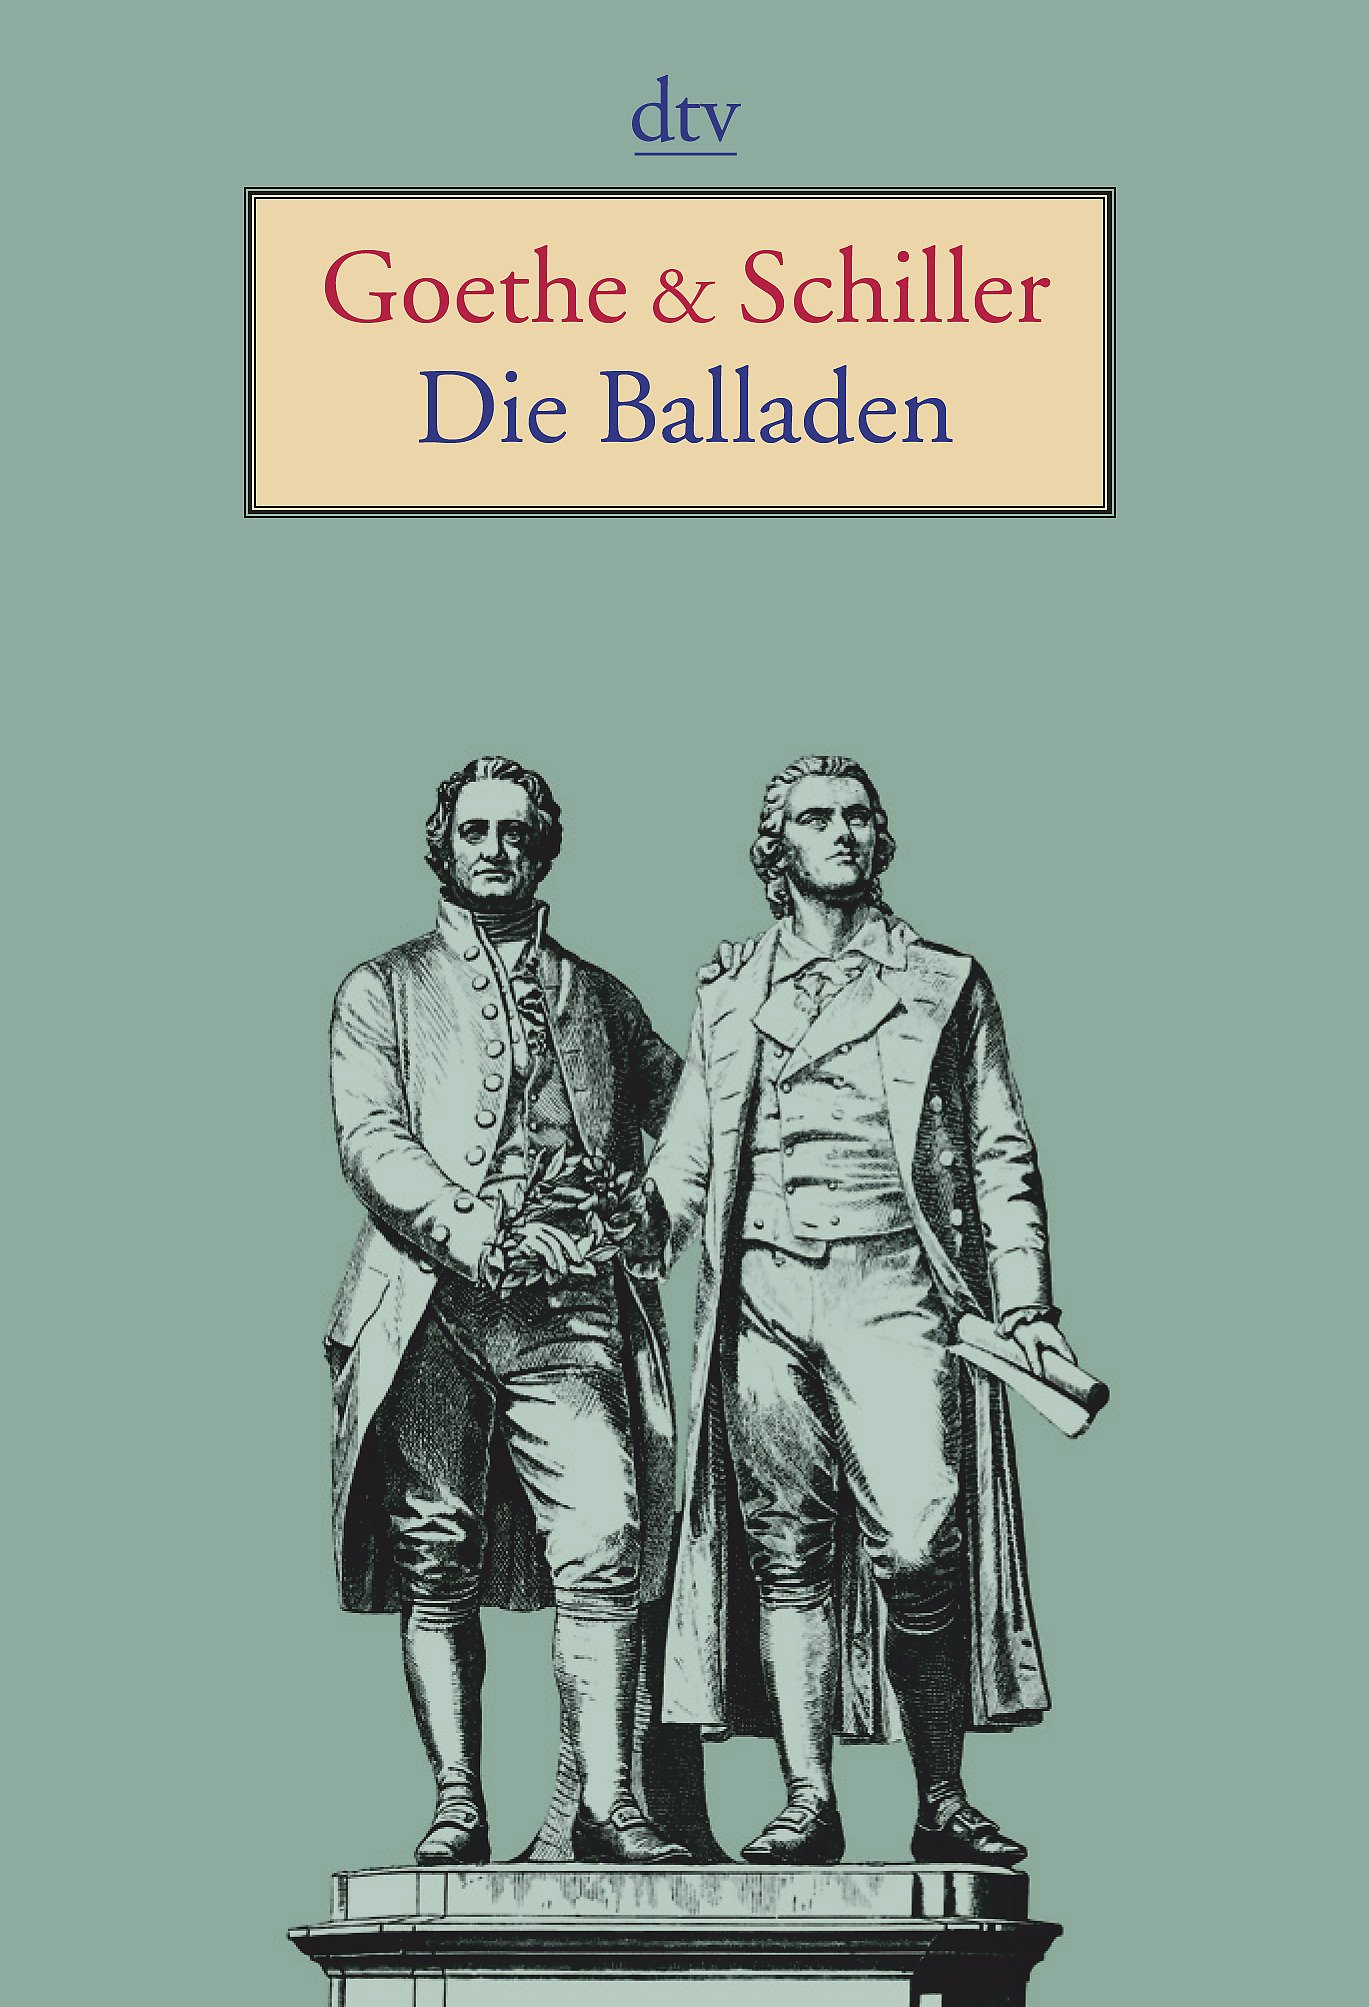 Die Balladen